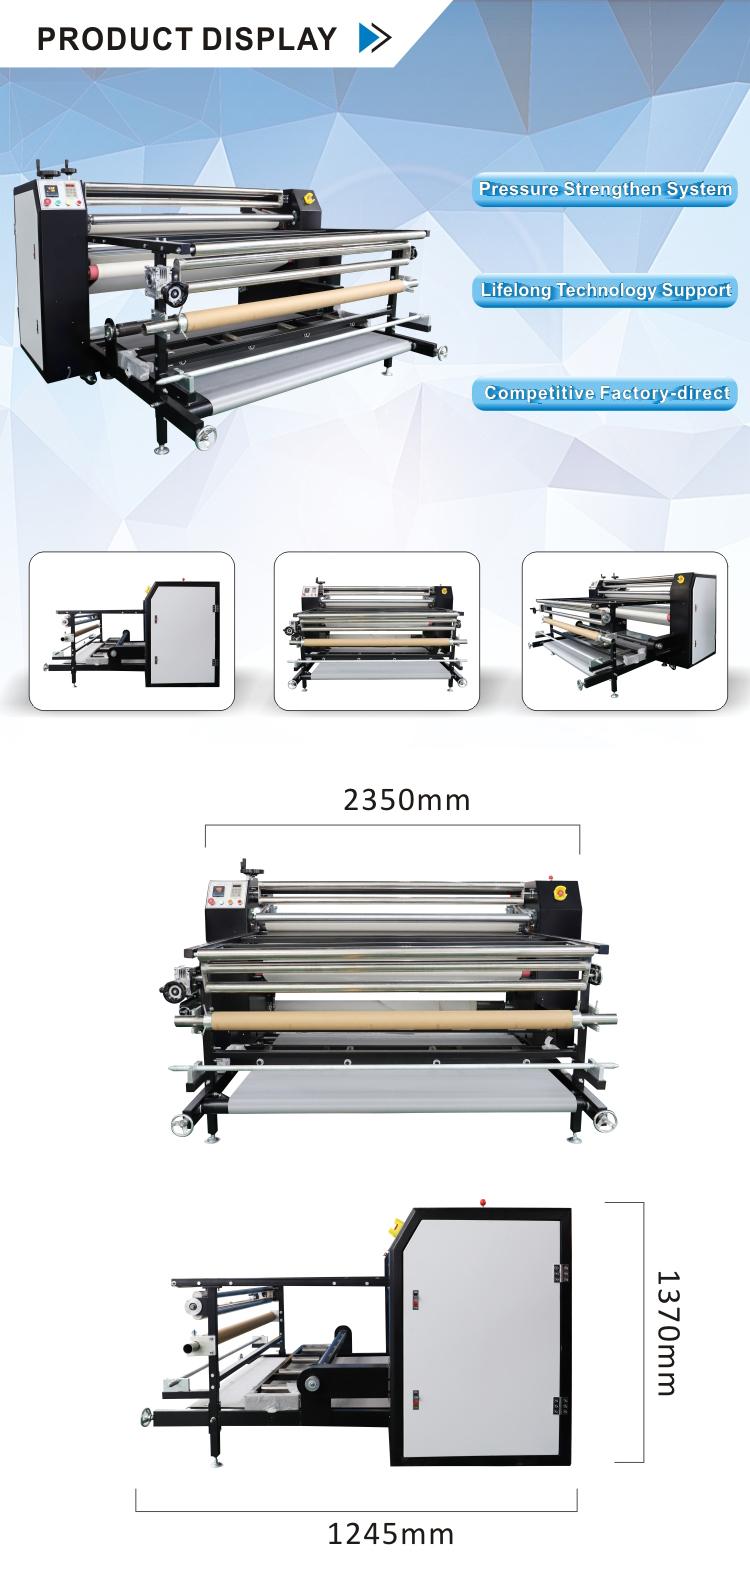 ใบรับรอง CE ร้อนขายที่มีคุณภาพสูงขนาดใหญ่ระเหิดเสื้อยืดพิมพ์เครื่องกดความร้อน